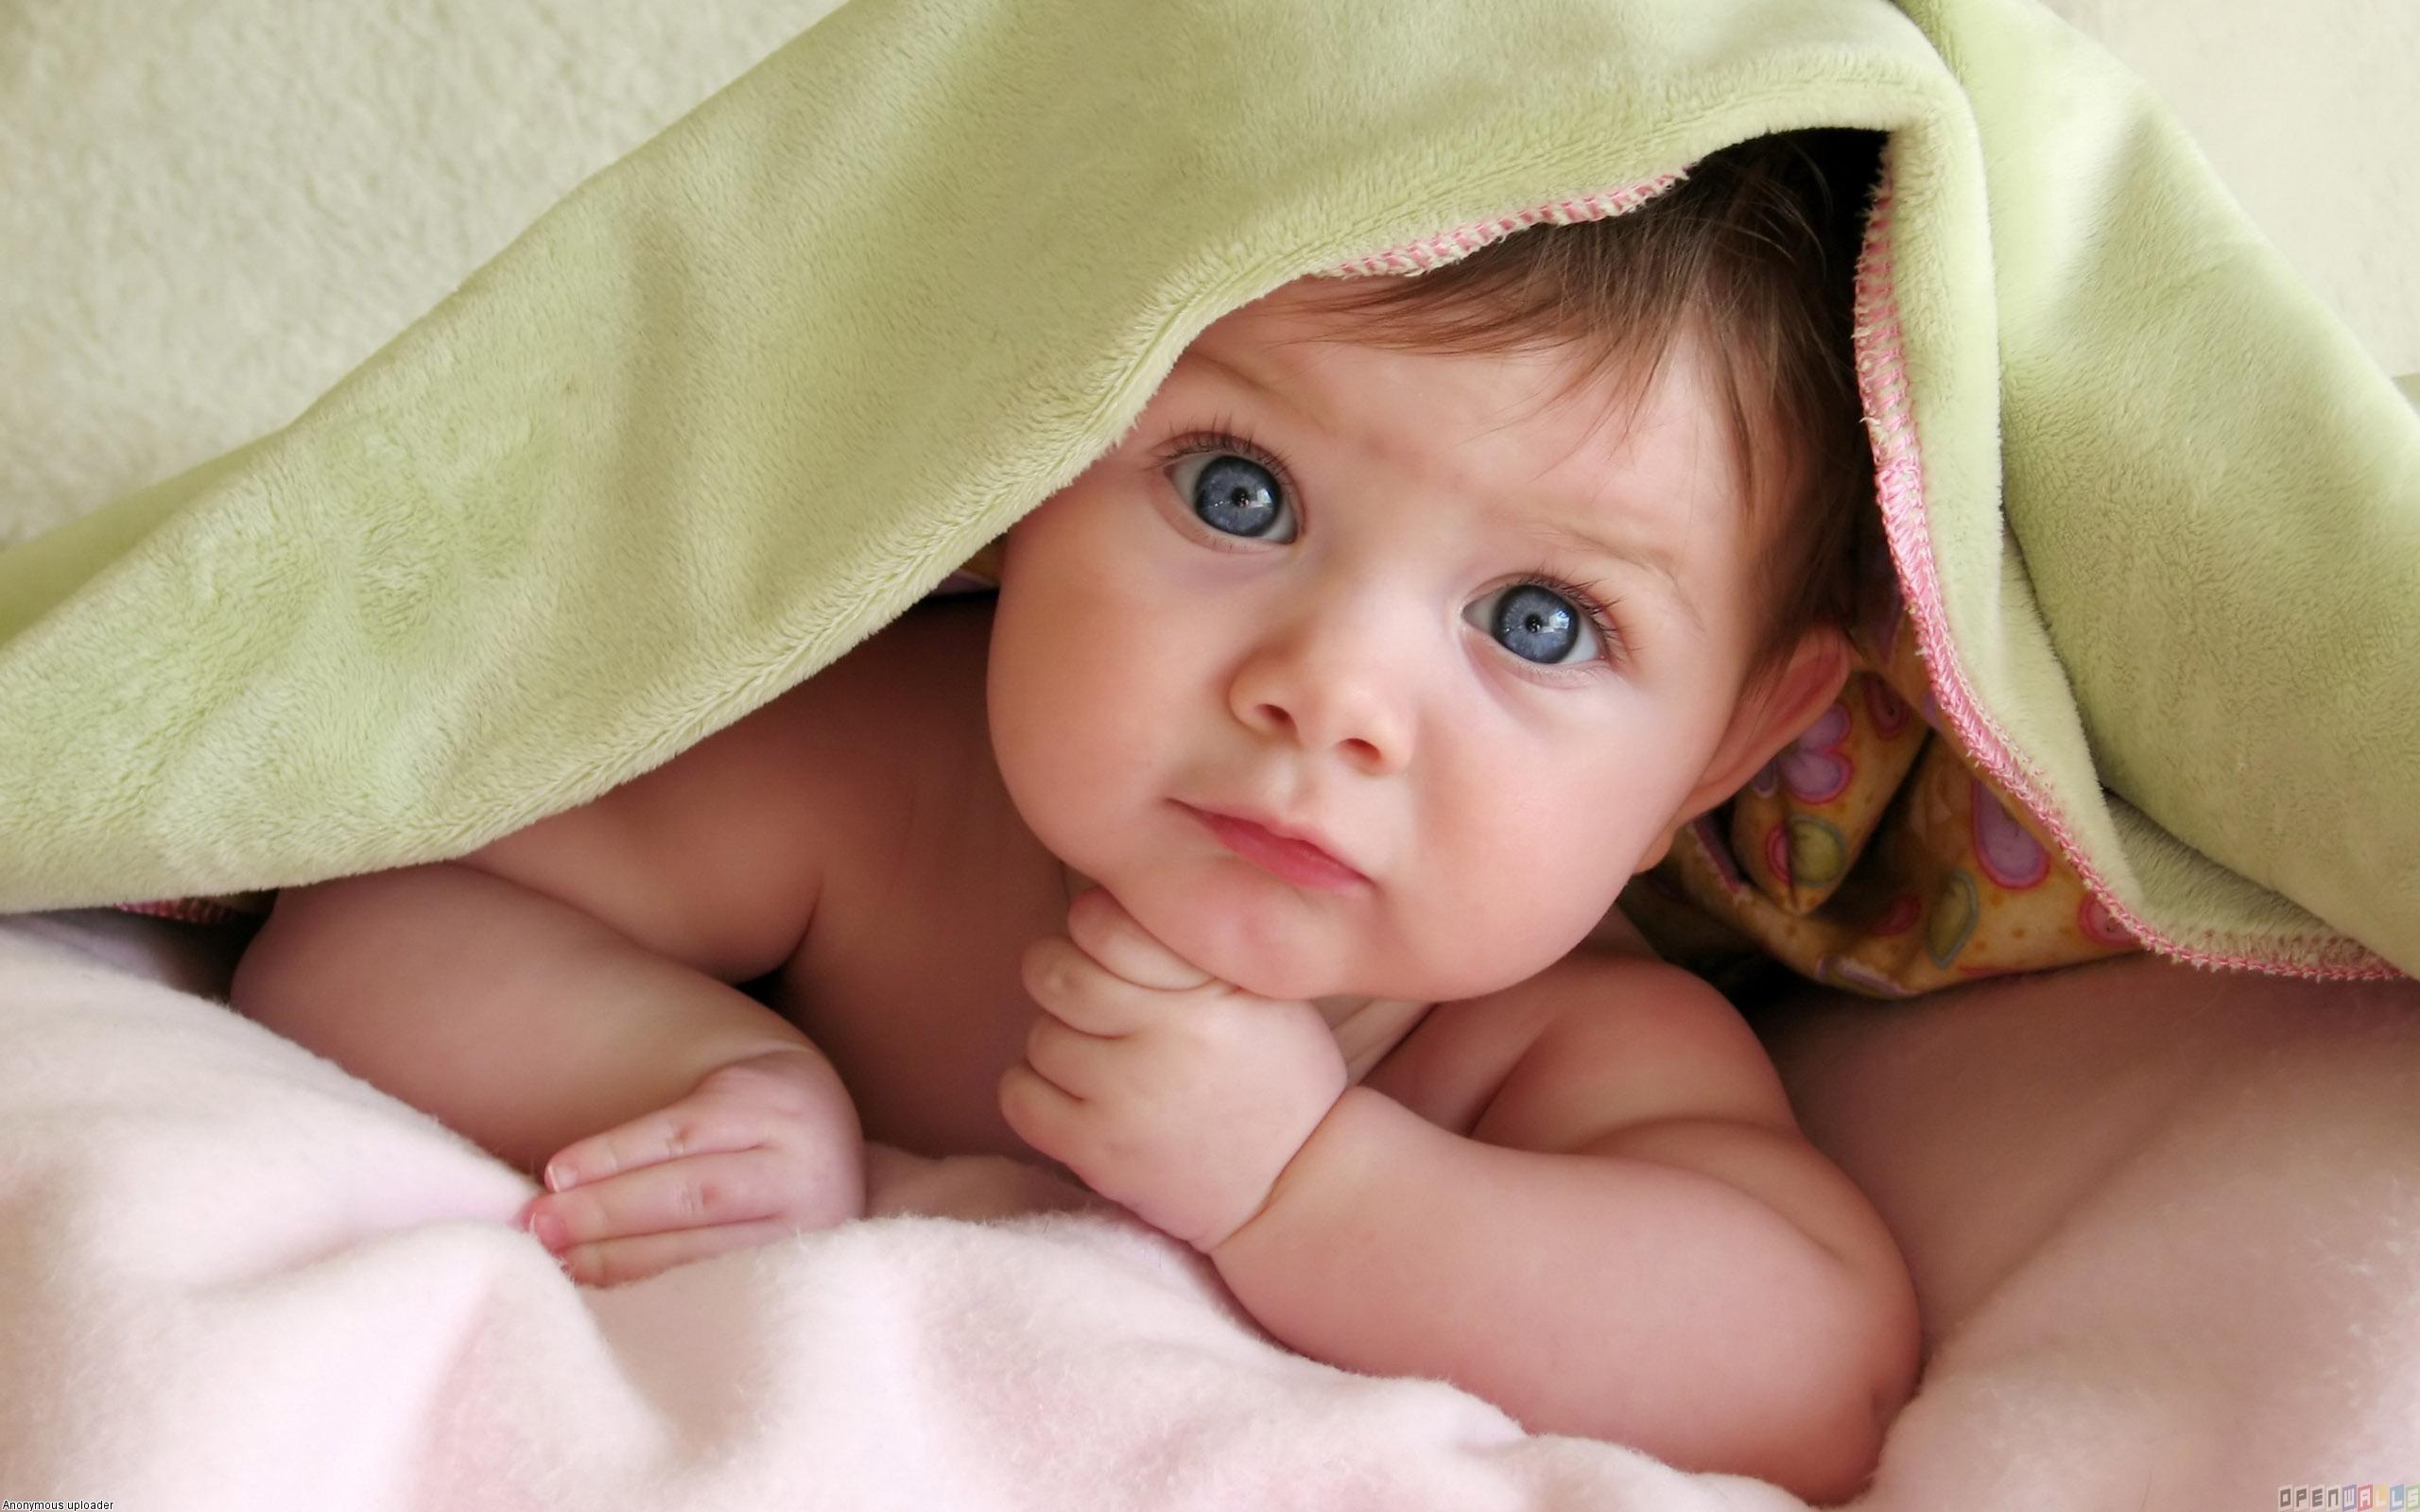 adorable baby wallpaper | 2560x1600 | #33017